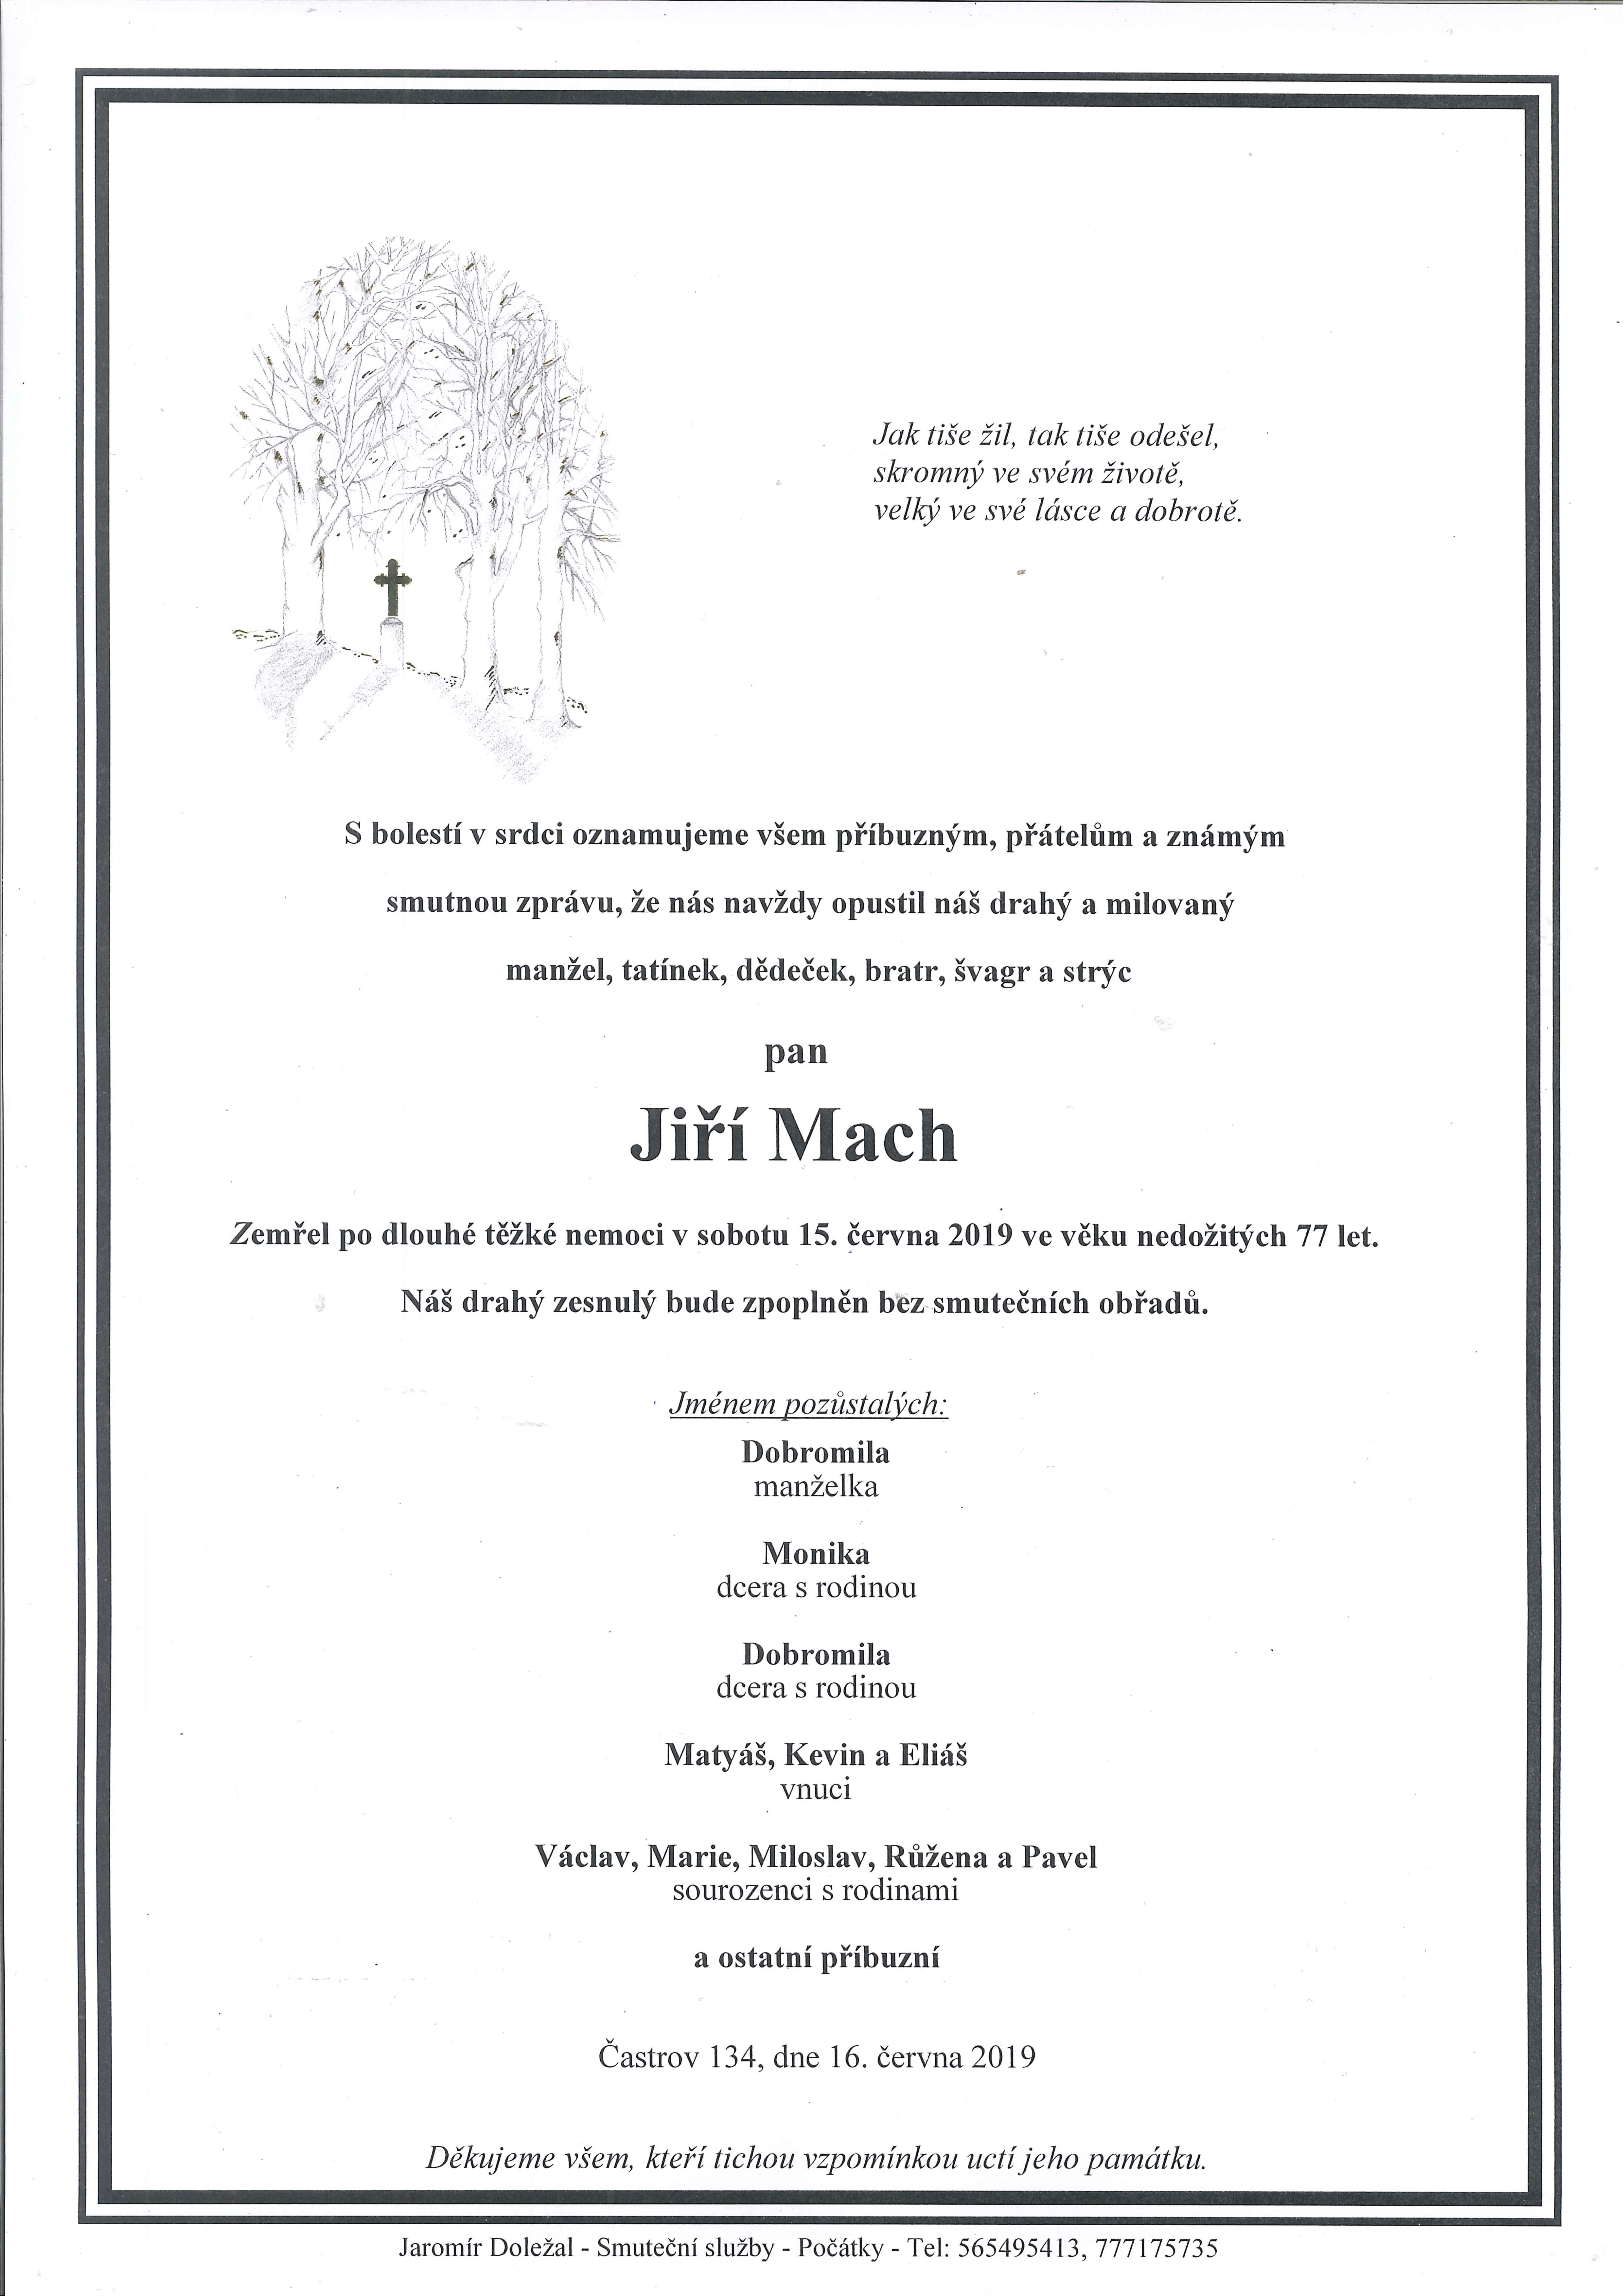 Jiří Mach